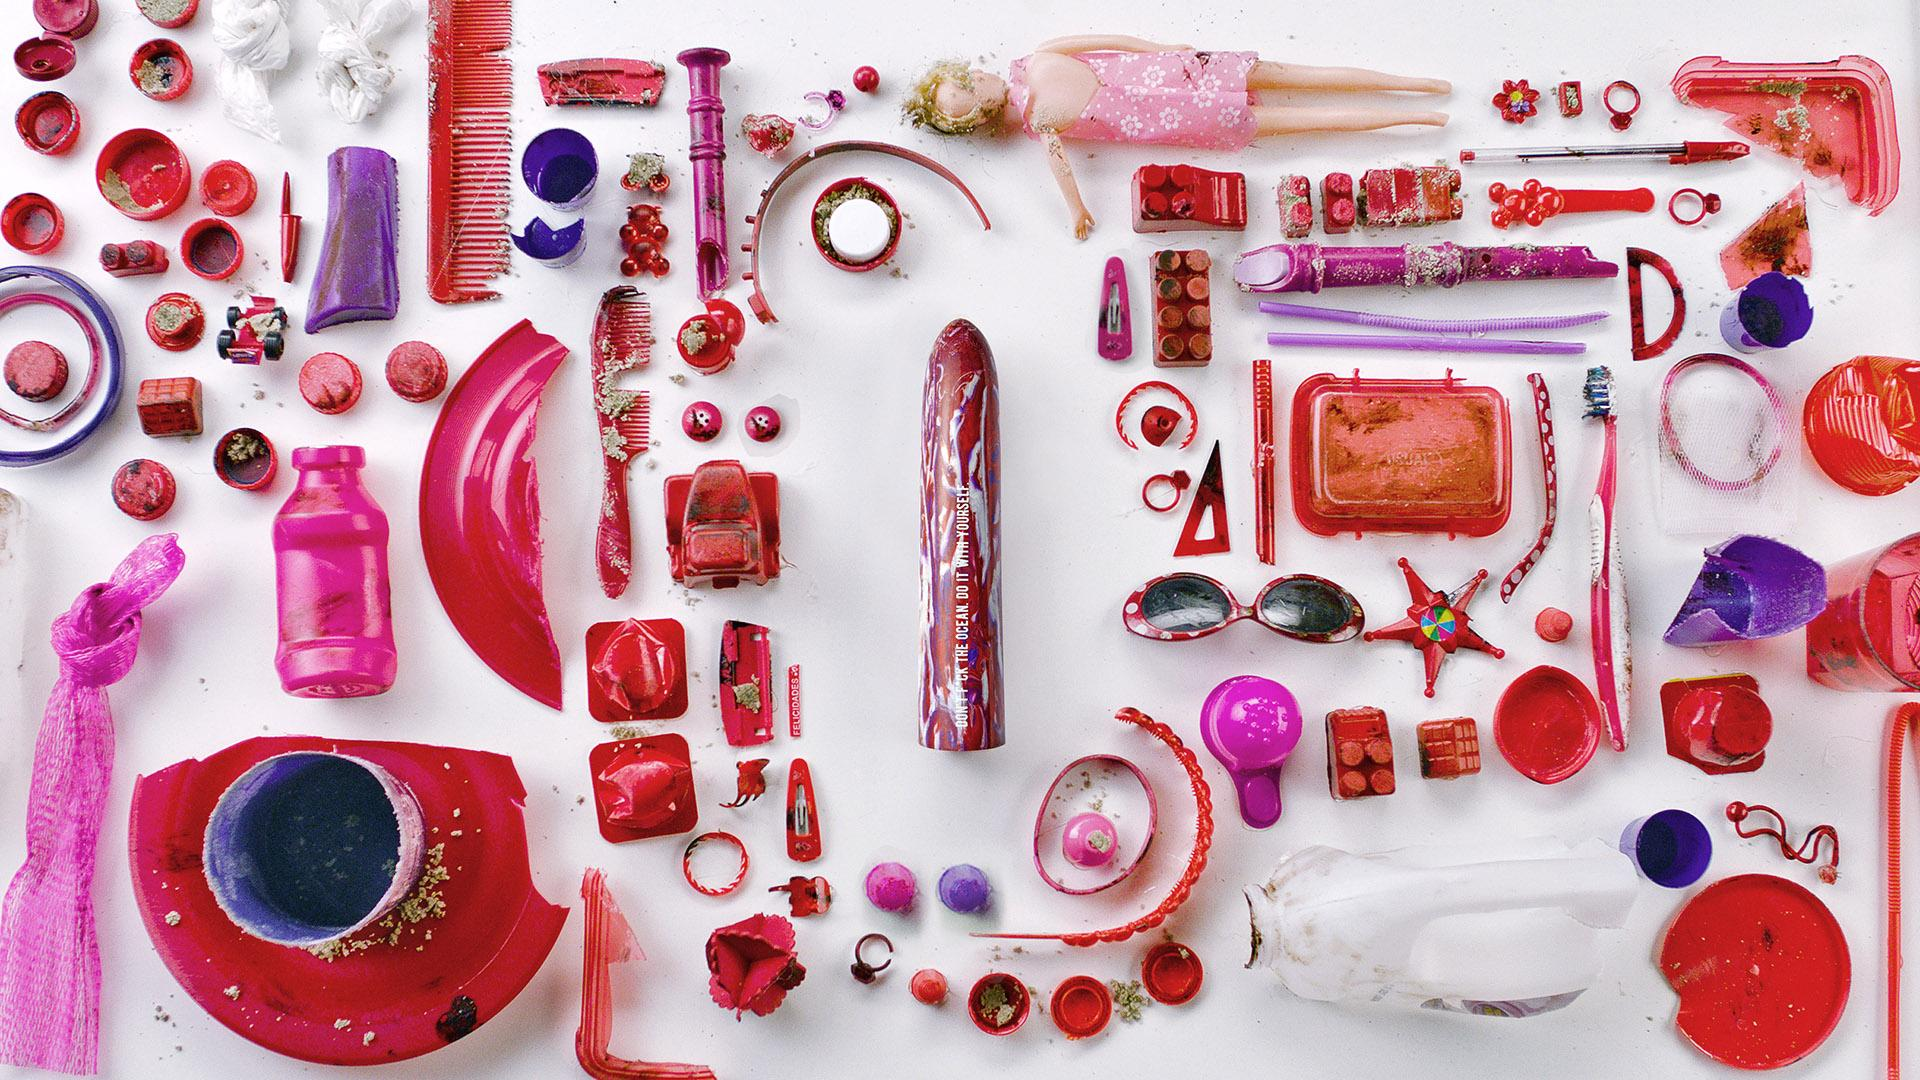 Fotografia reklamowa. Na białym tle ułożone równo sa biało-czerwone śmieci, np. lalka barbie, ekierka, plastikowe części naczyń itp. Po środku leży biało-czerwone dildo.